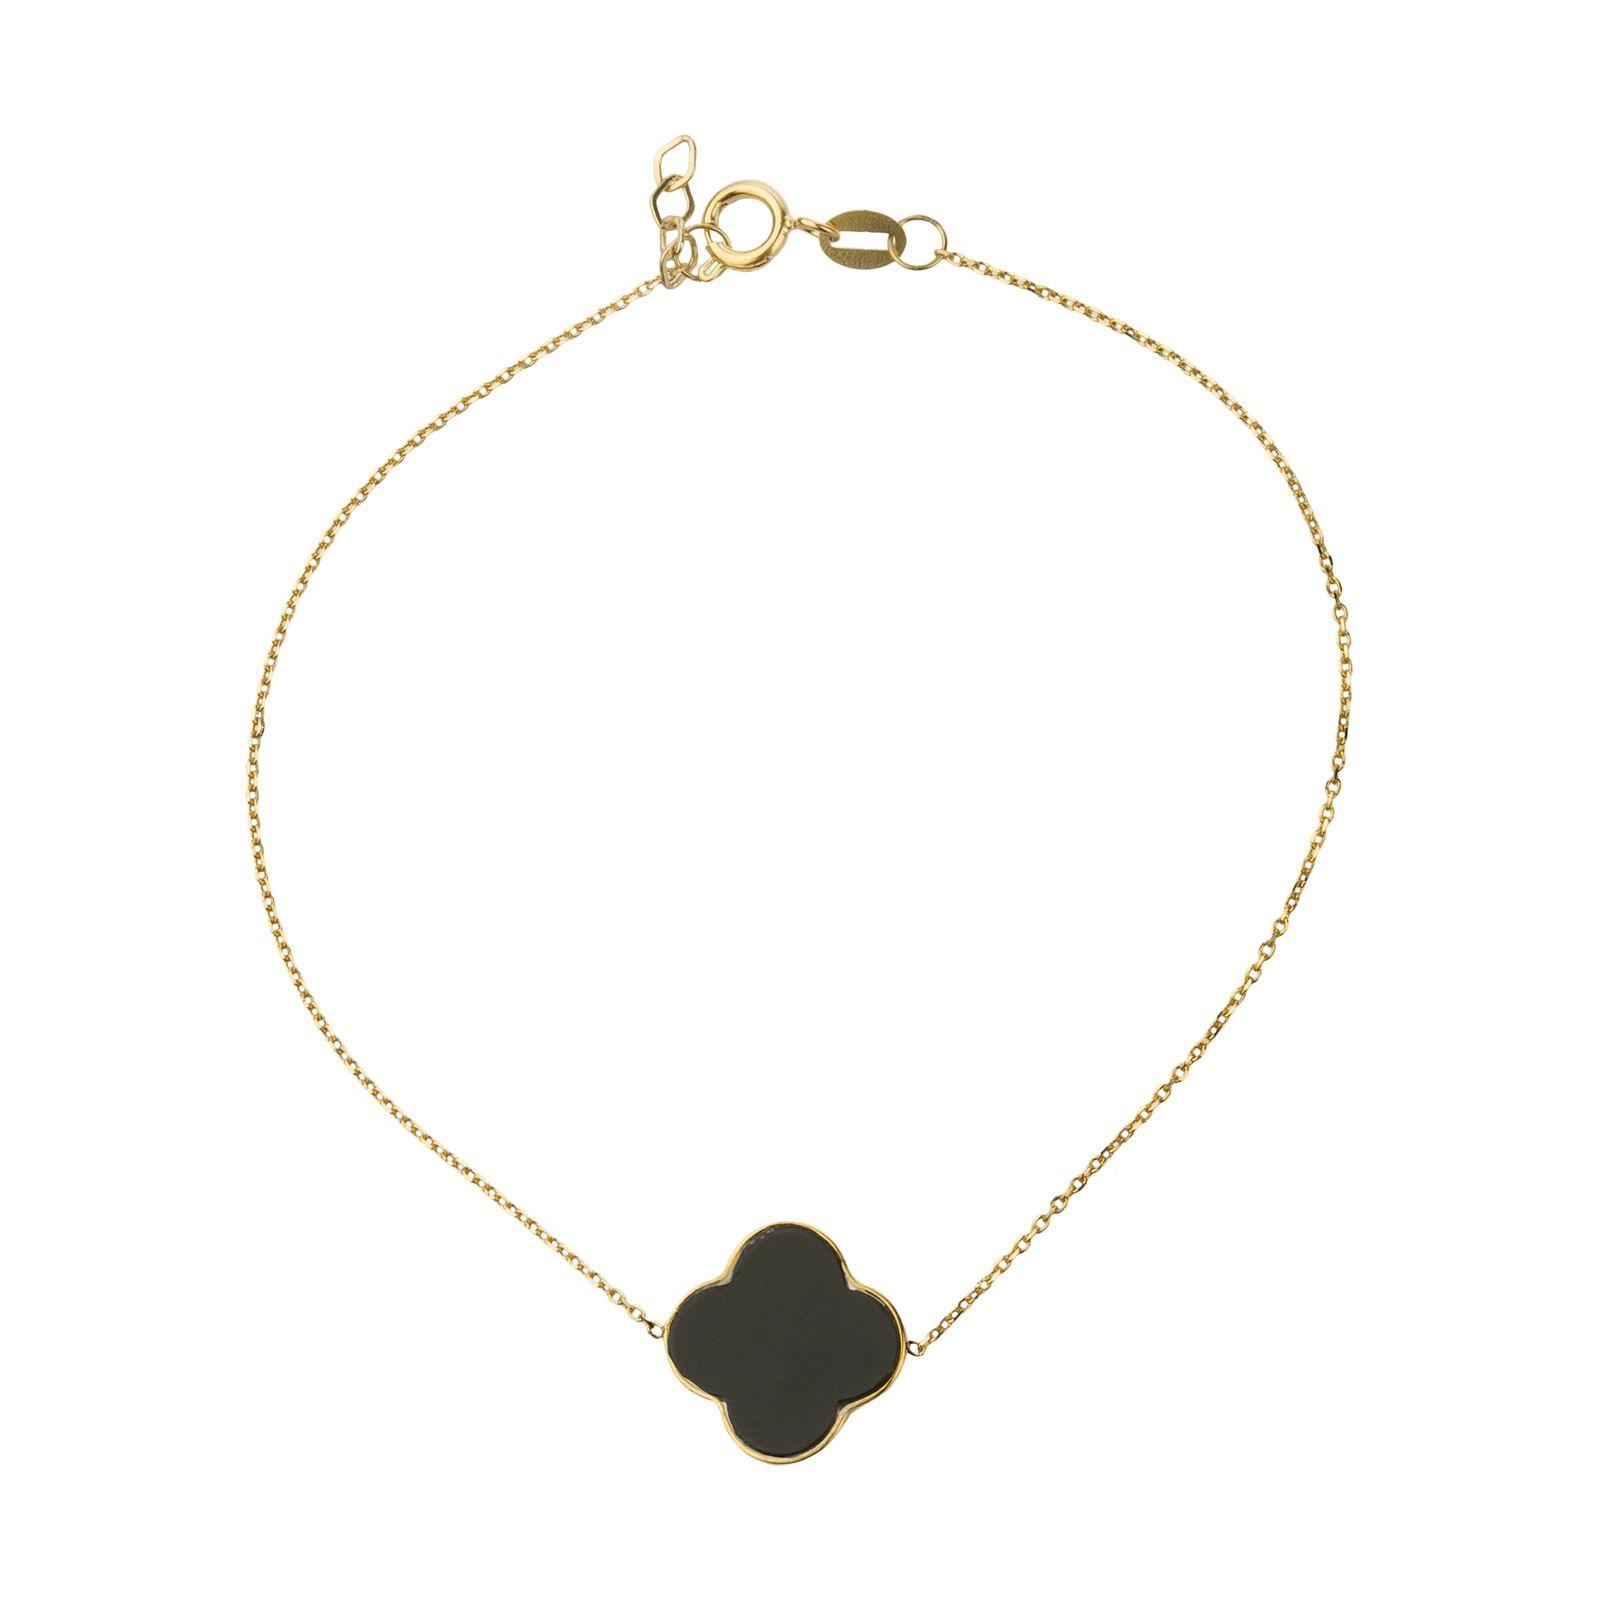 دستبند طلا 18 عیار زنانه میو گلد مدل GD626 -  - 2